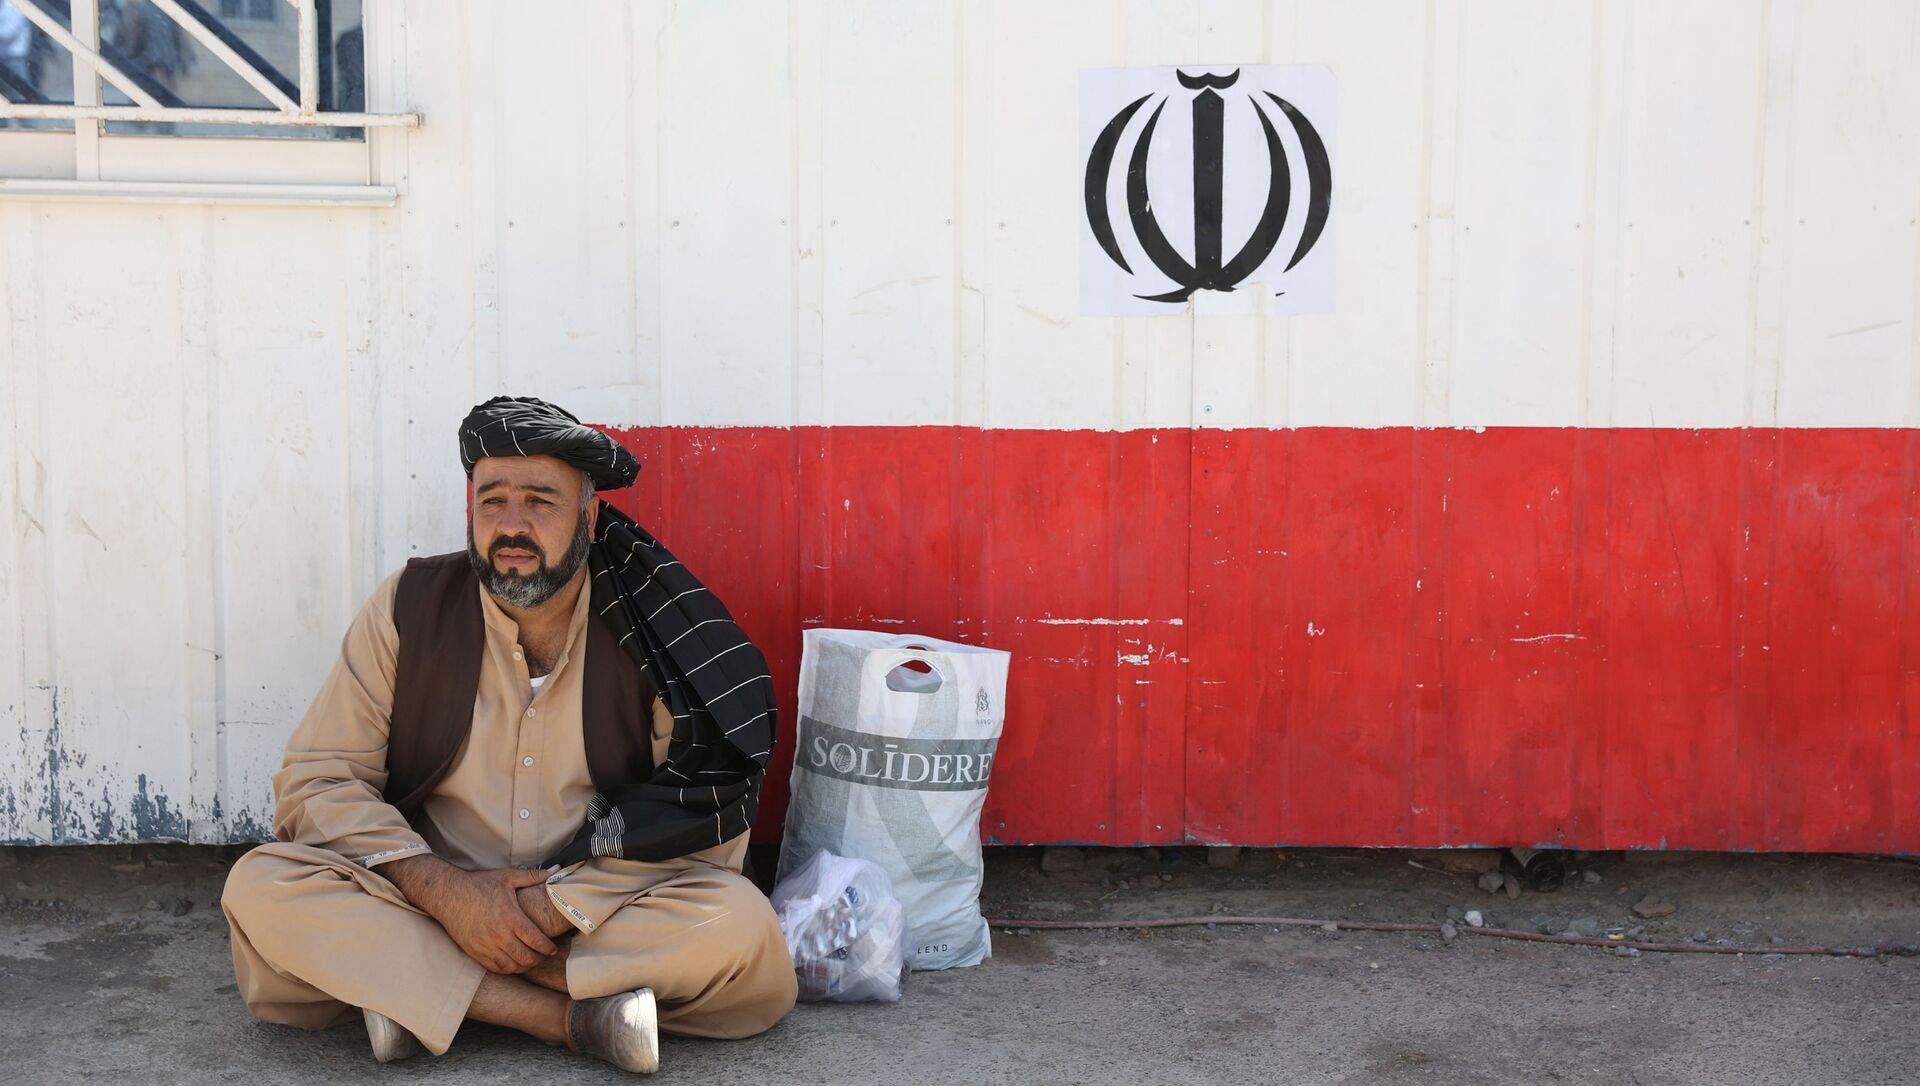 Афганец сидит на пограничном переходе Даукарун между Ираном и Афганистаном - Sputnik Абхазия, 1920, 03.09.2021